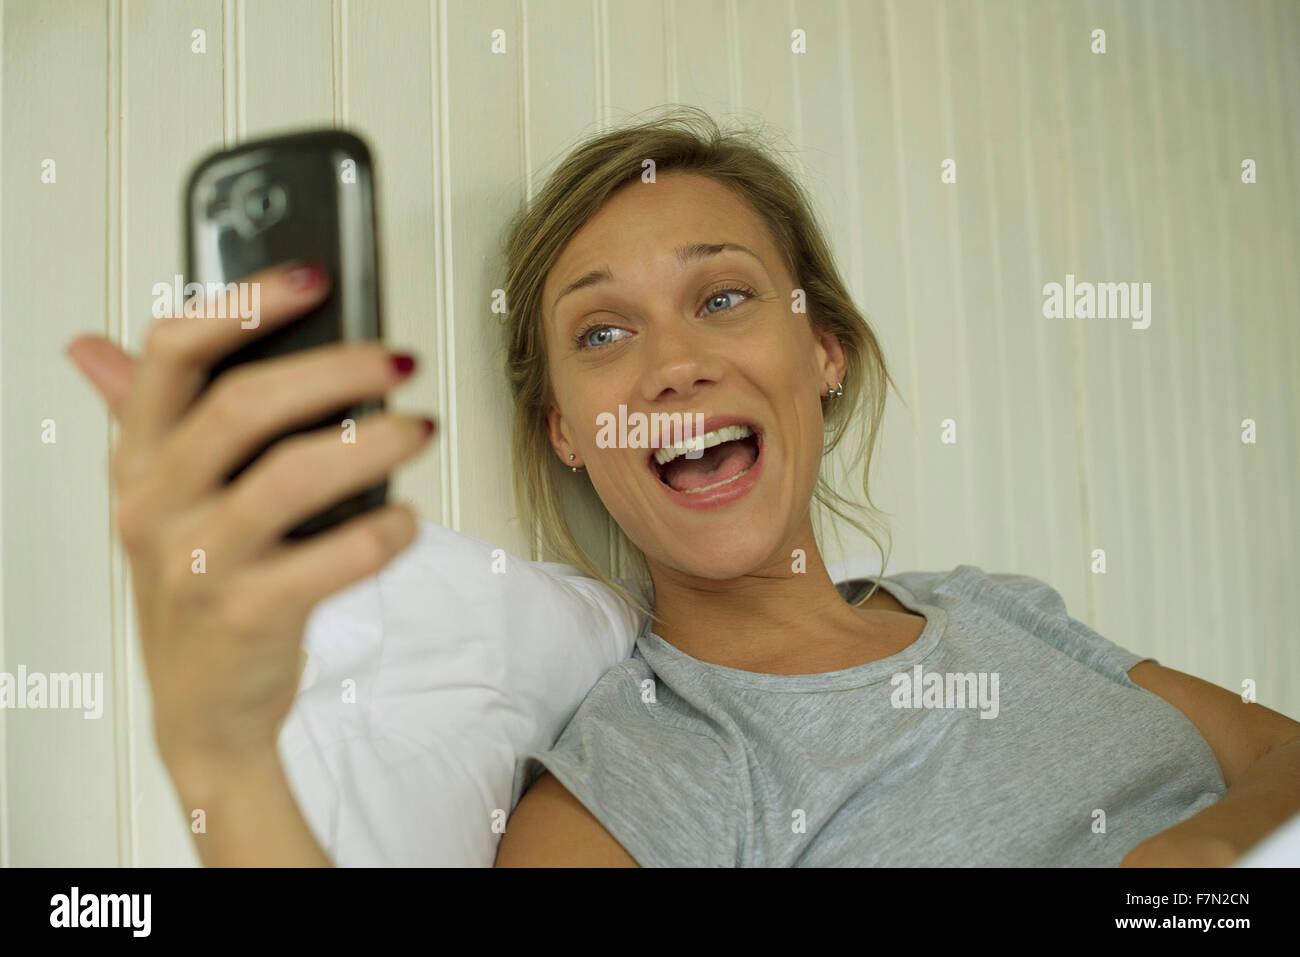 Woman smiling, taking selfie - Stock Image